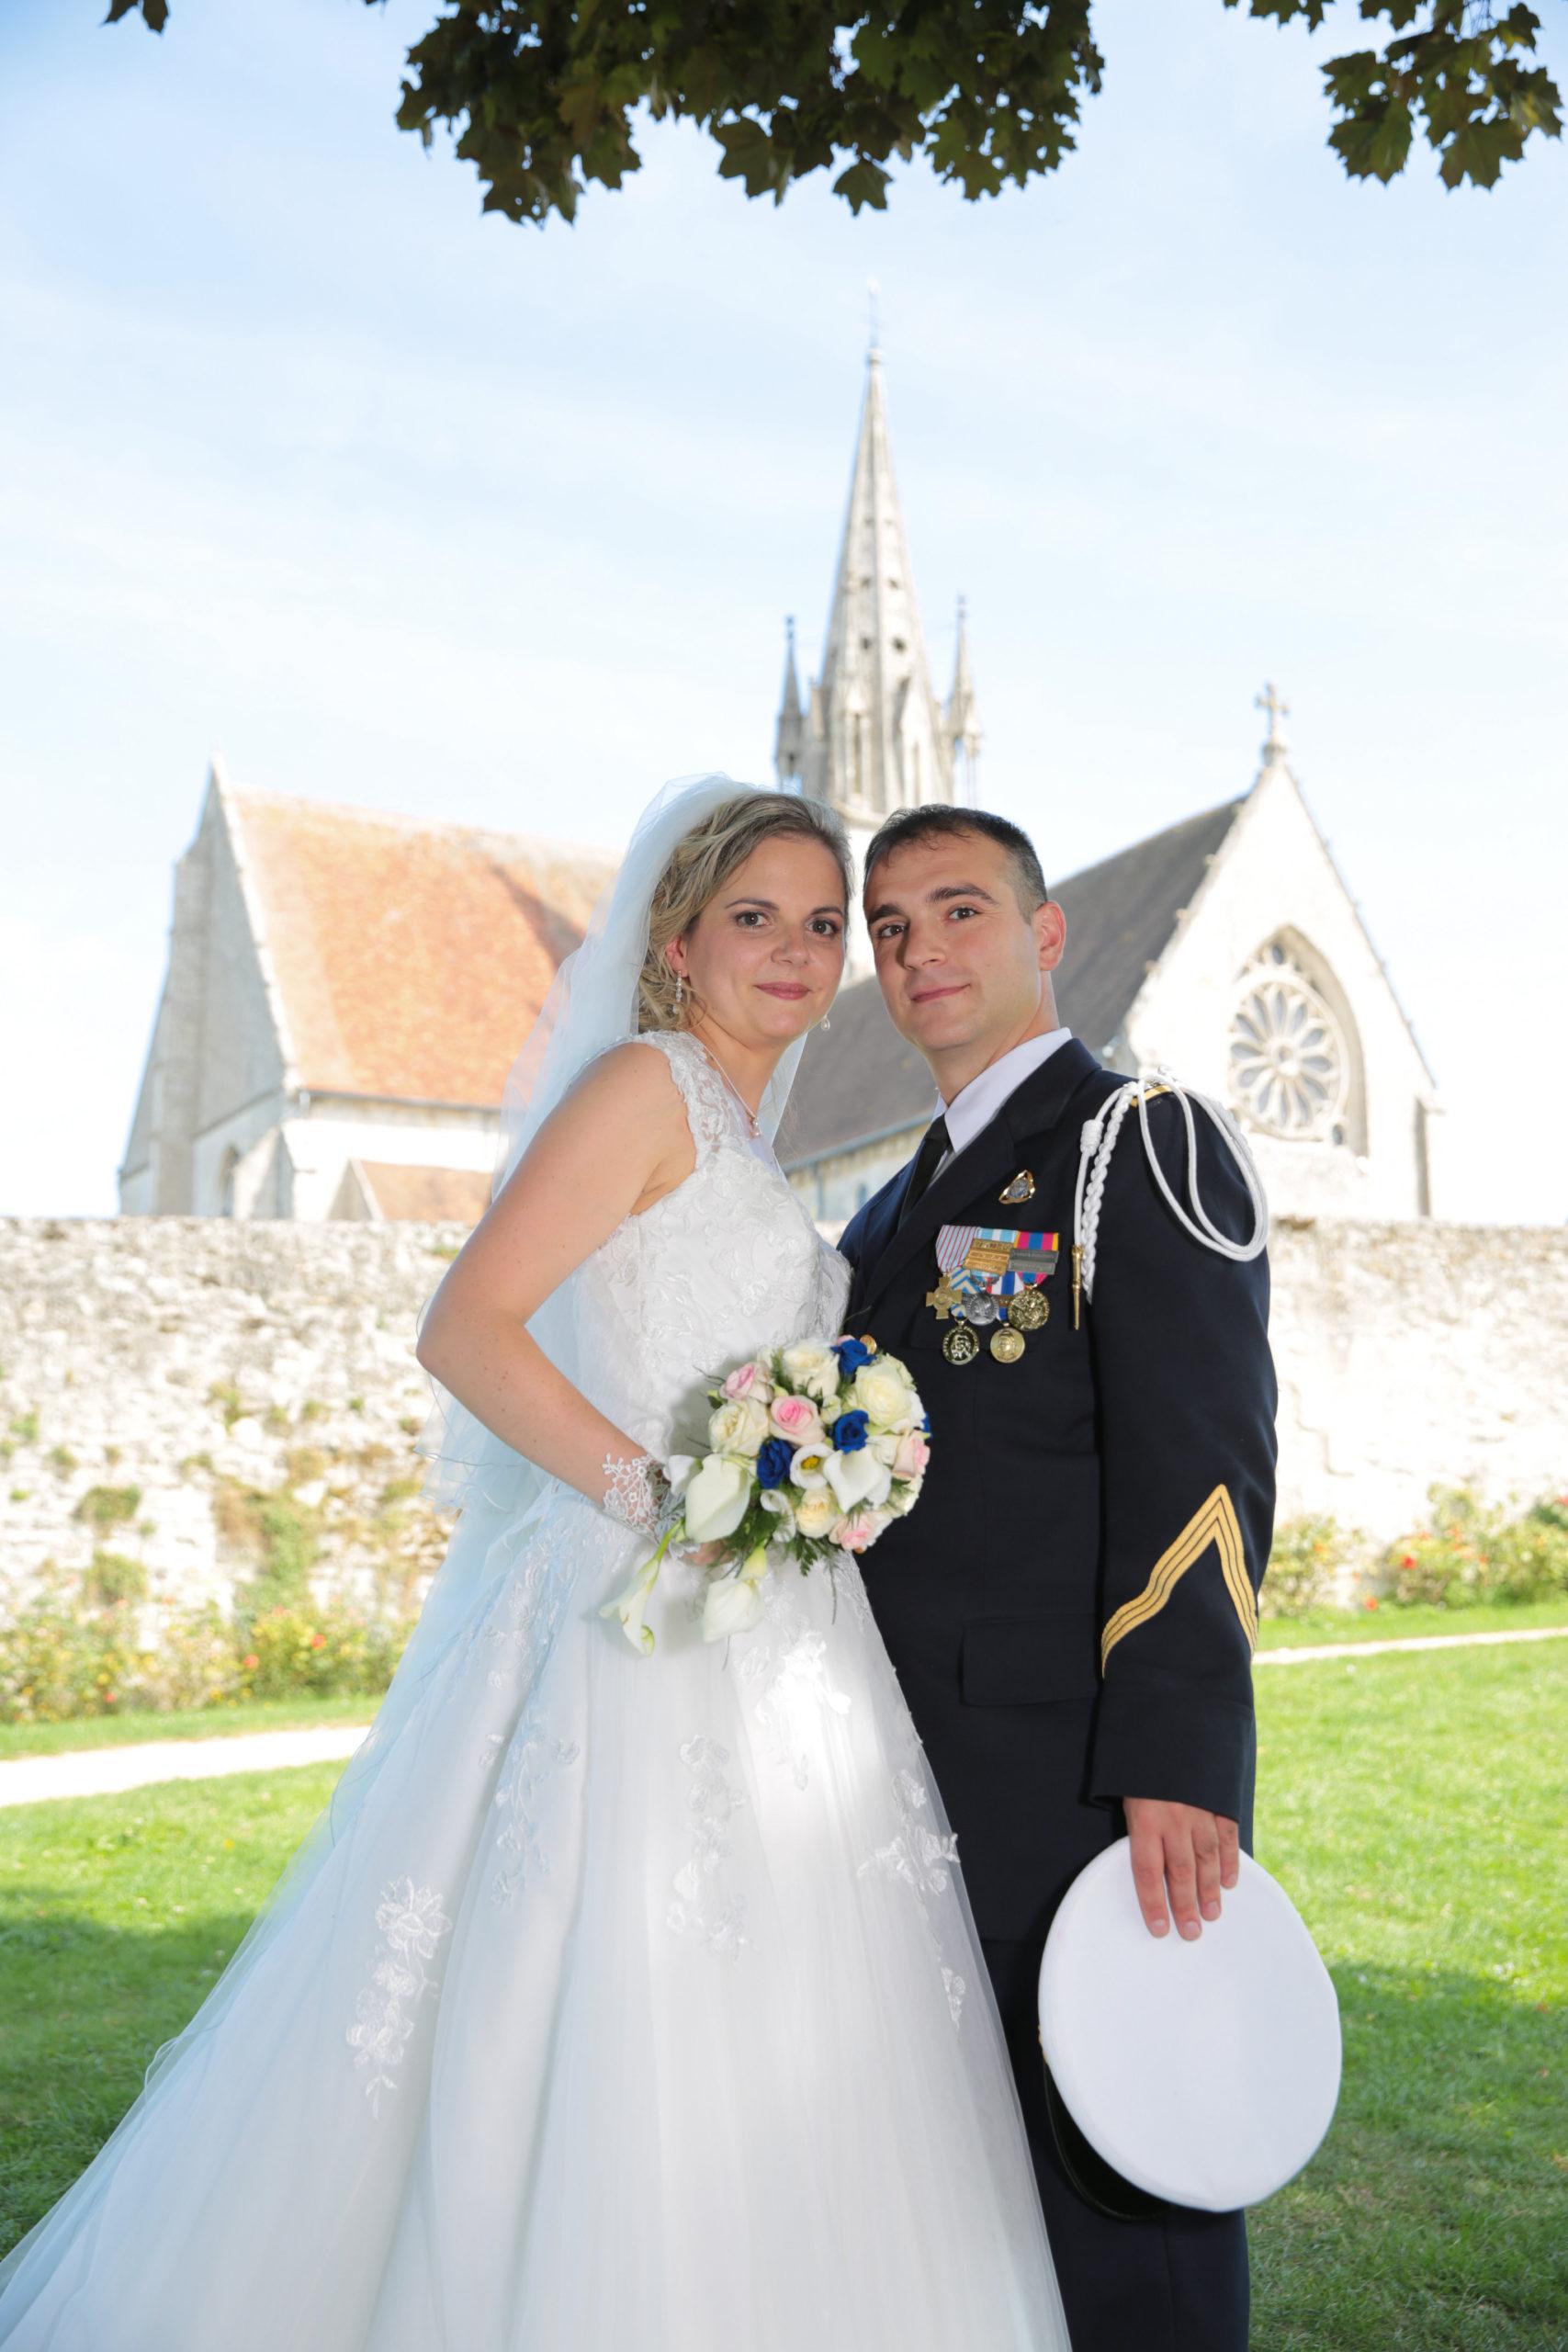 MARIAGE de Stéphane ALIBERT (P136) avec Mélanie 1